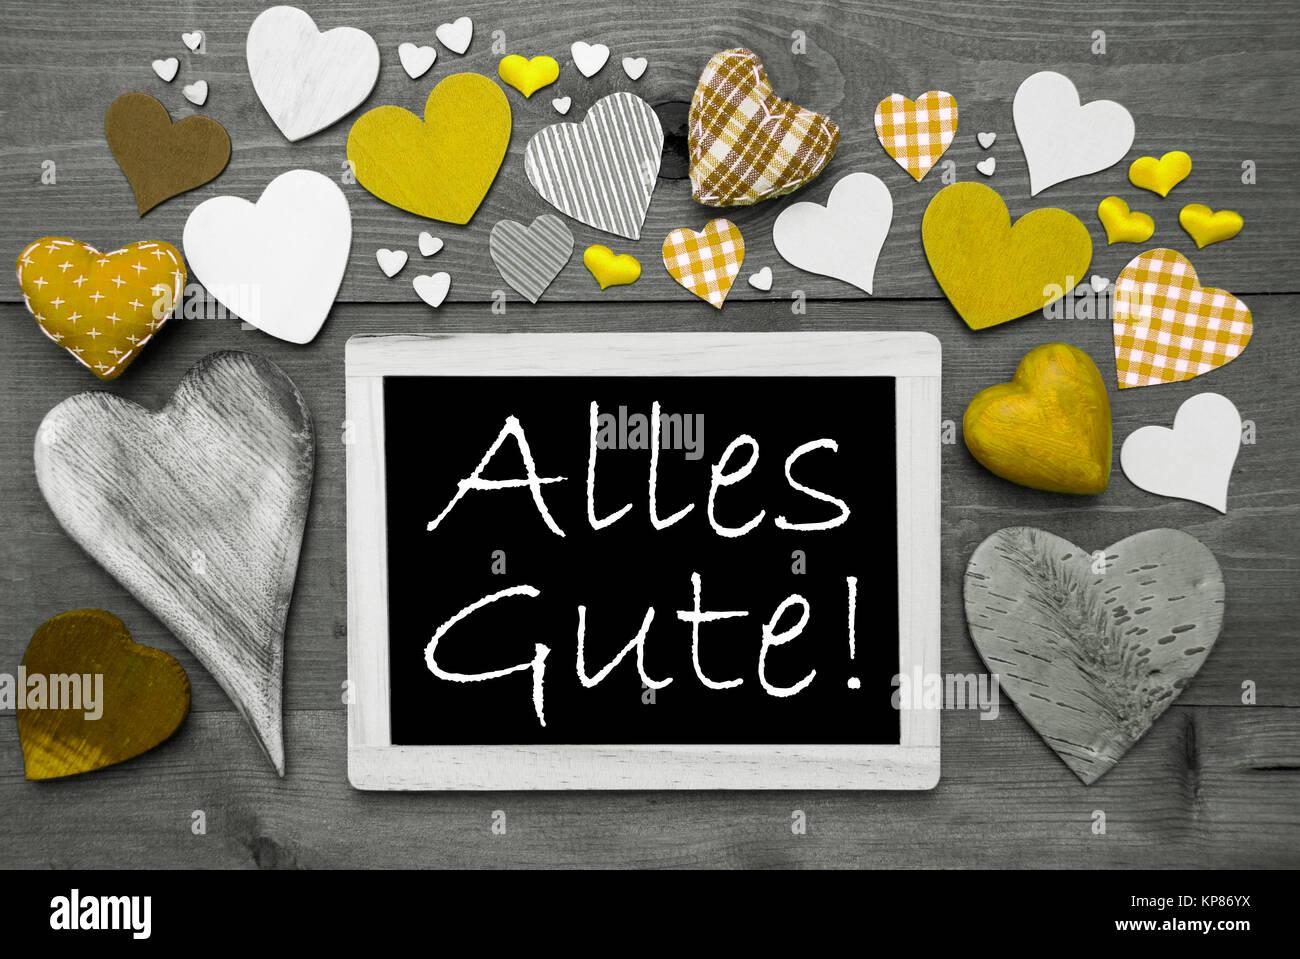 Pizarra Con Texto Alemán Alles Gute Significa Mejores Deseos Muchos